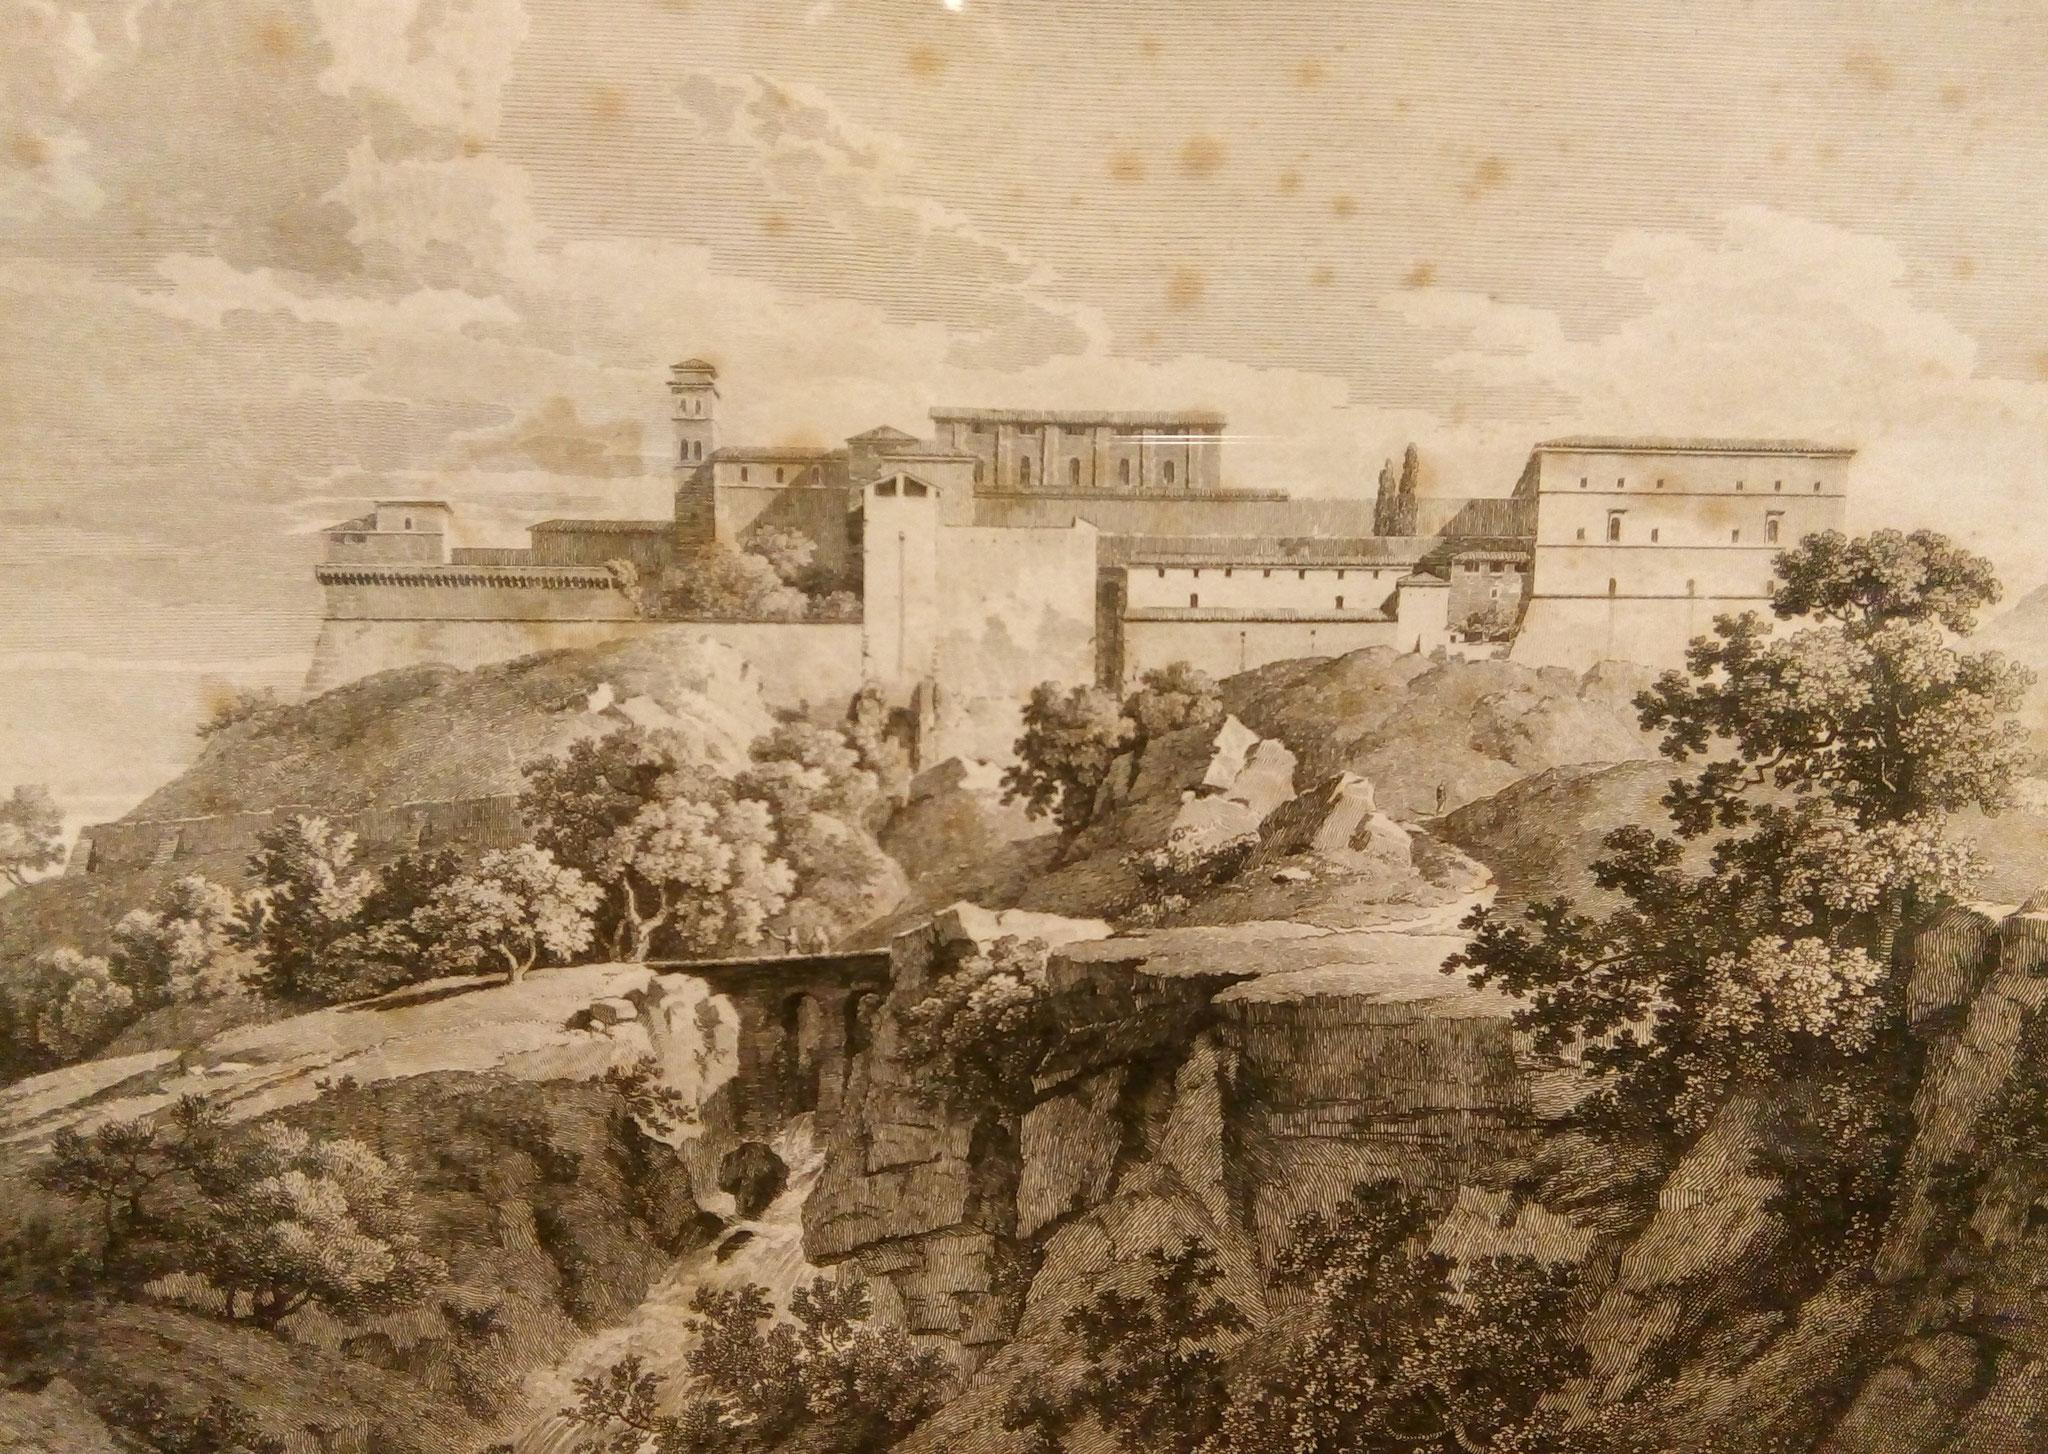 Veduta di Montecassino, Constant Bourgeois, Paris, 1810